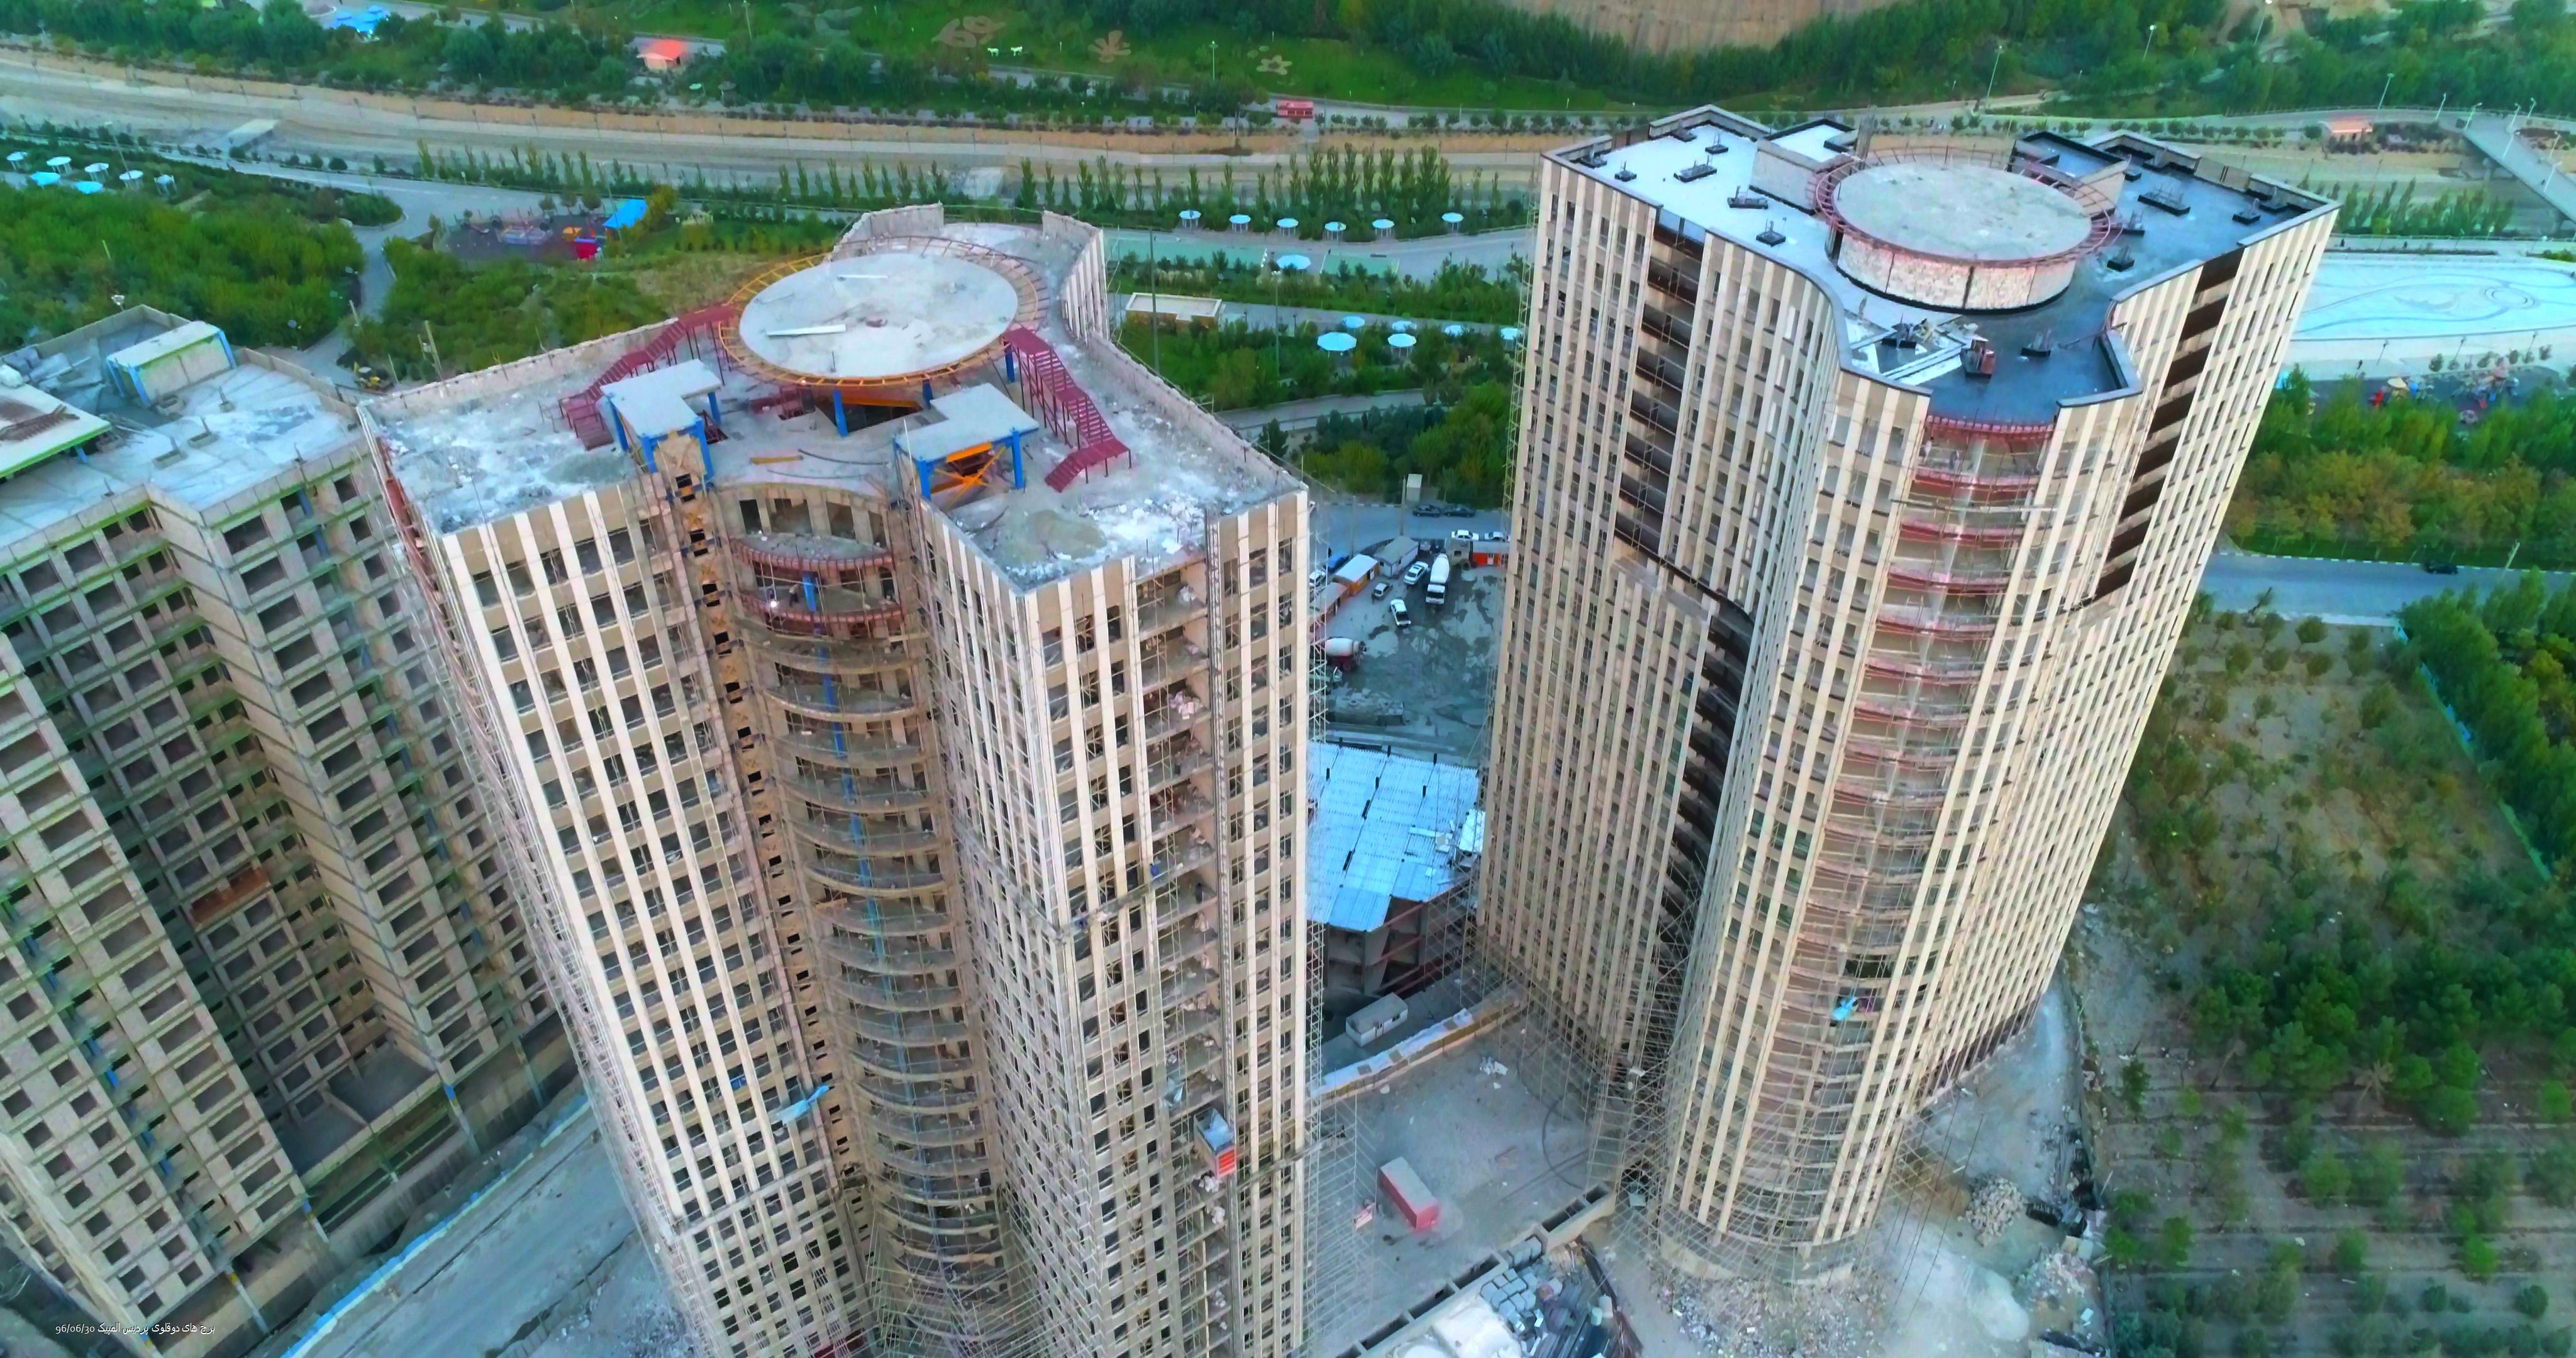 برج های دوقلوی پردیس المپیک